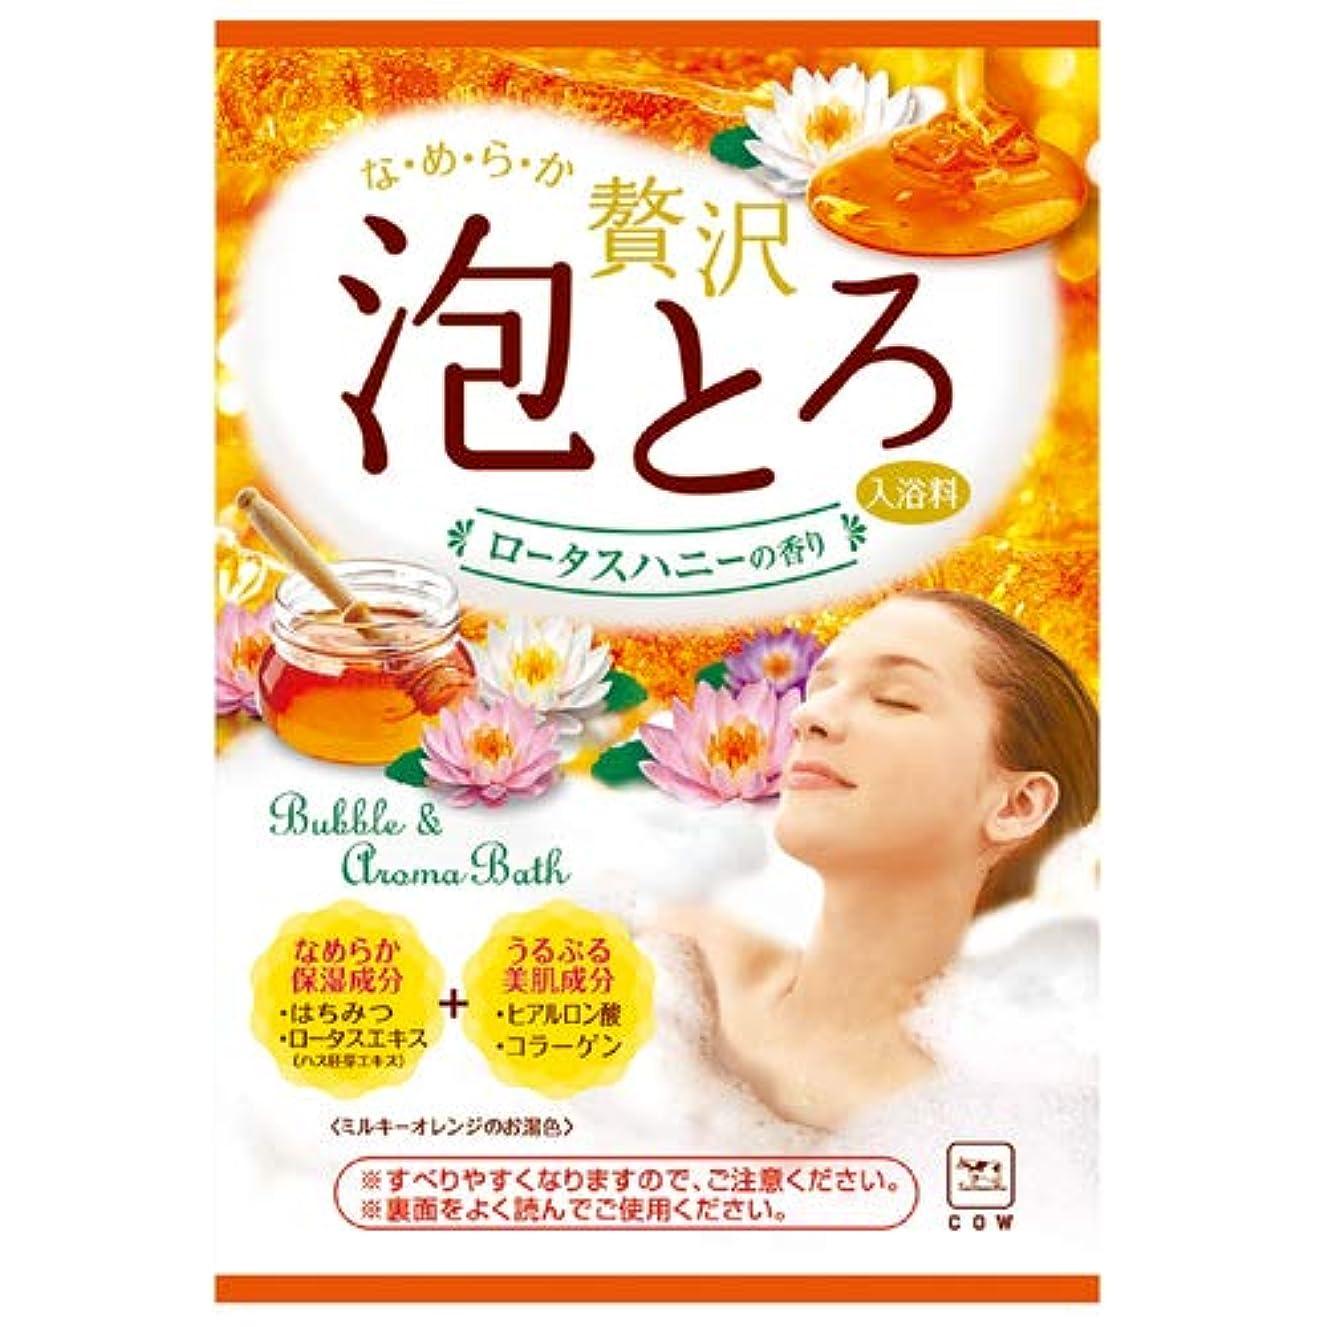 取るに足らない罹患率それらお湯物語 贅沢泡とろ入浴料 ロータスハニーの香り 30g